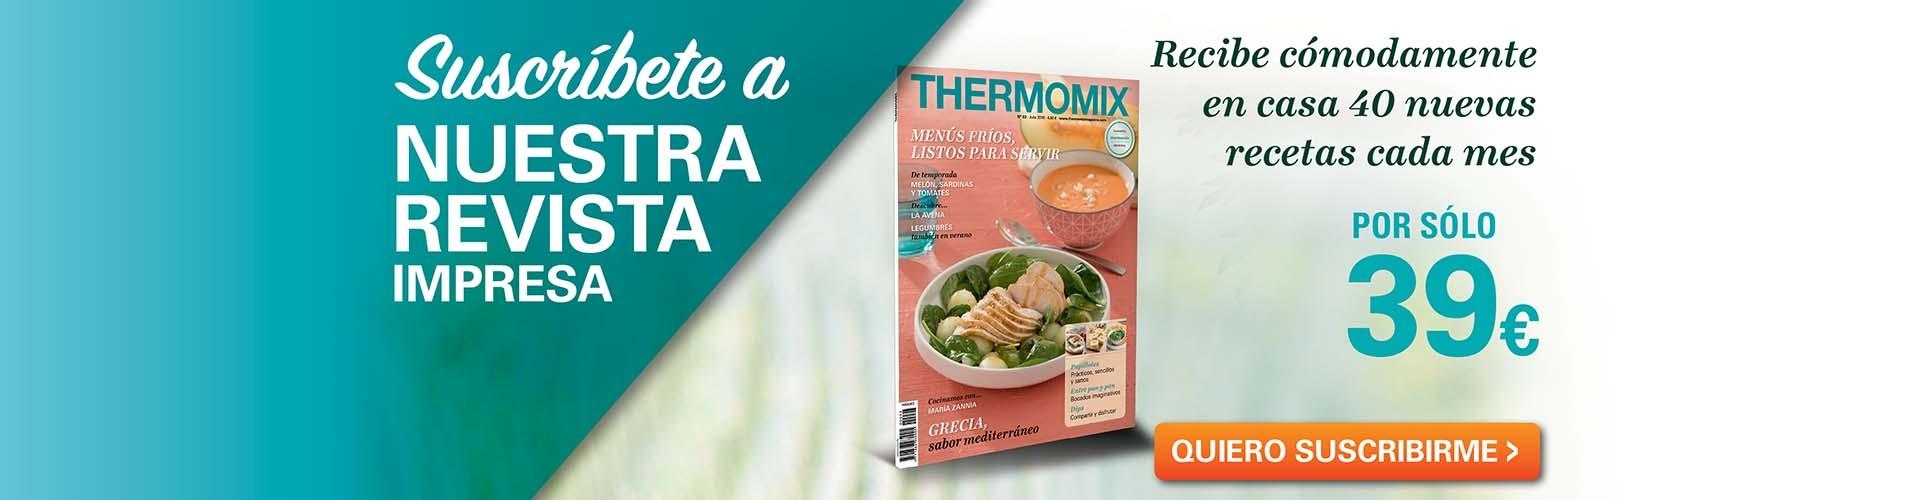 Compra ahora tu revista Thermomix - Thermomix web